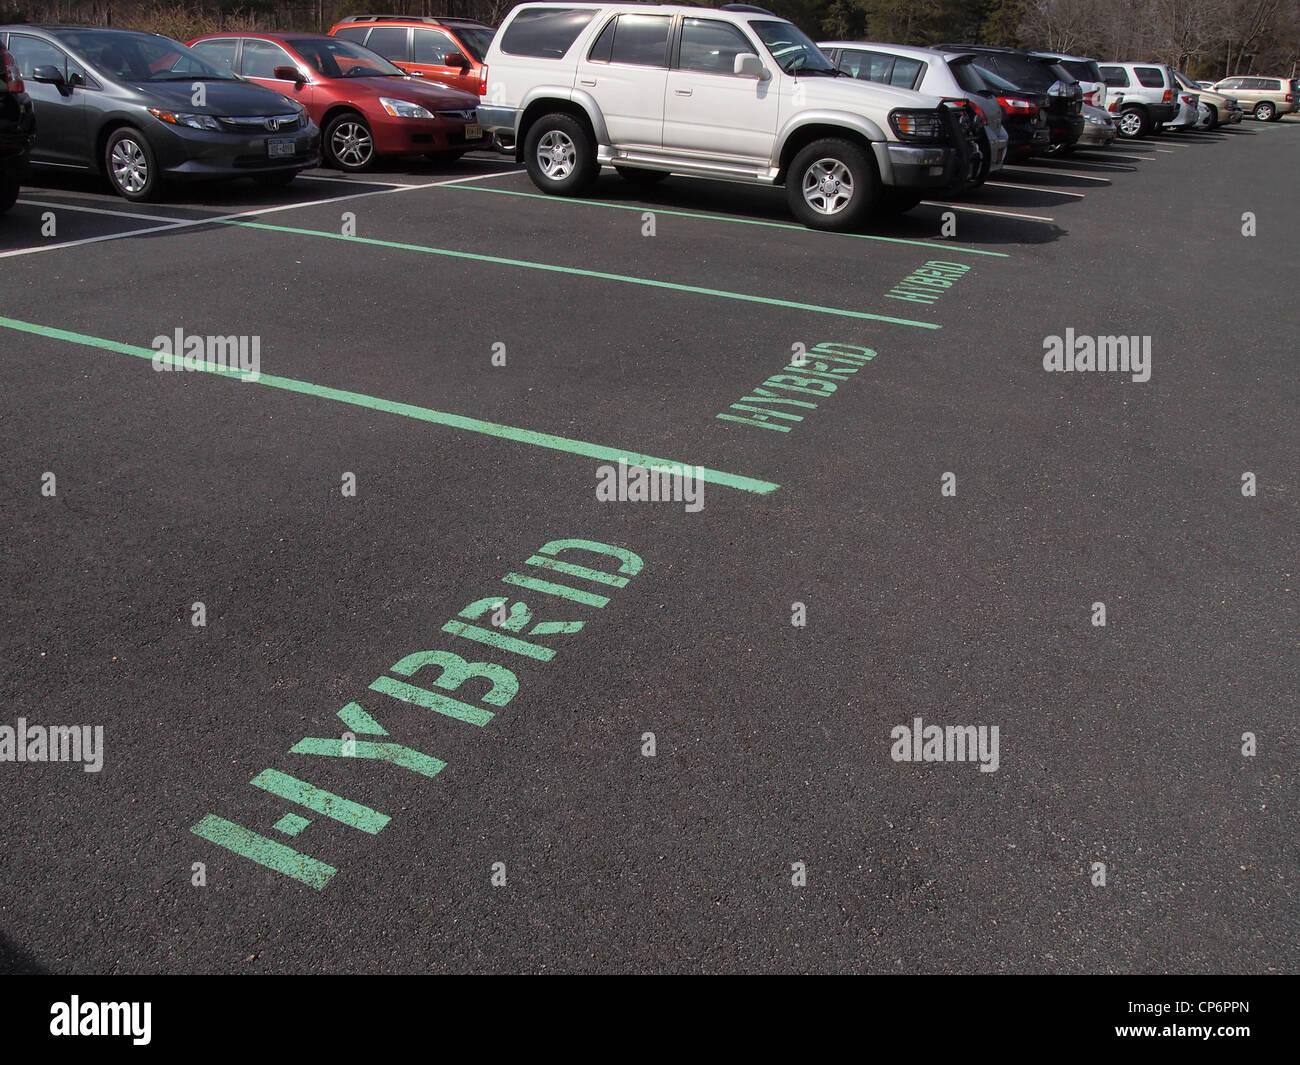 Espacios de estacionamiento reservados para vehículos híbridos, Nueva York, Estados Unidos, 8 de marzo Imagen De Stock